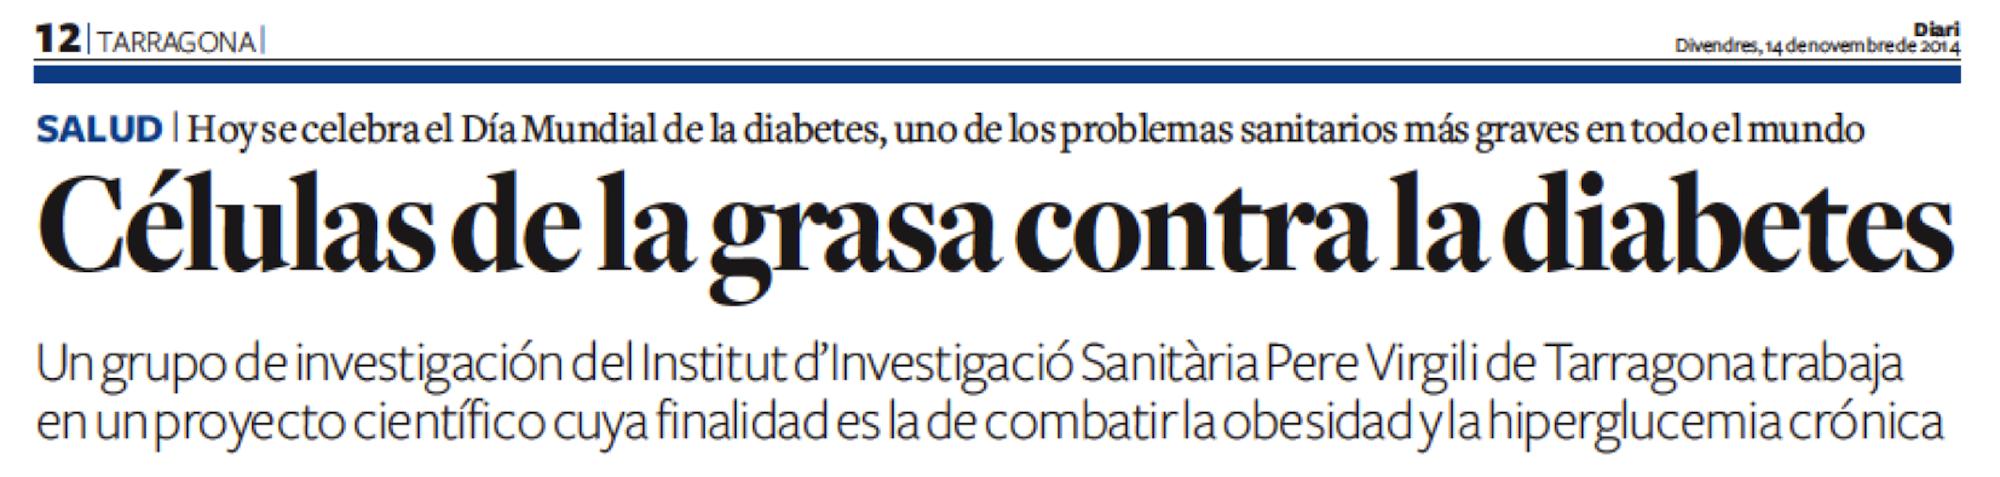 Diari de Tarragona, 14novembre2014